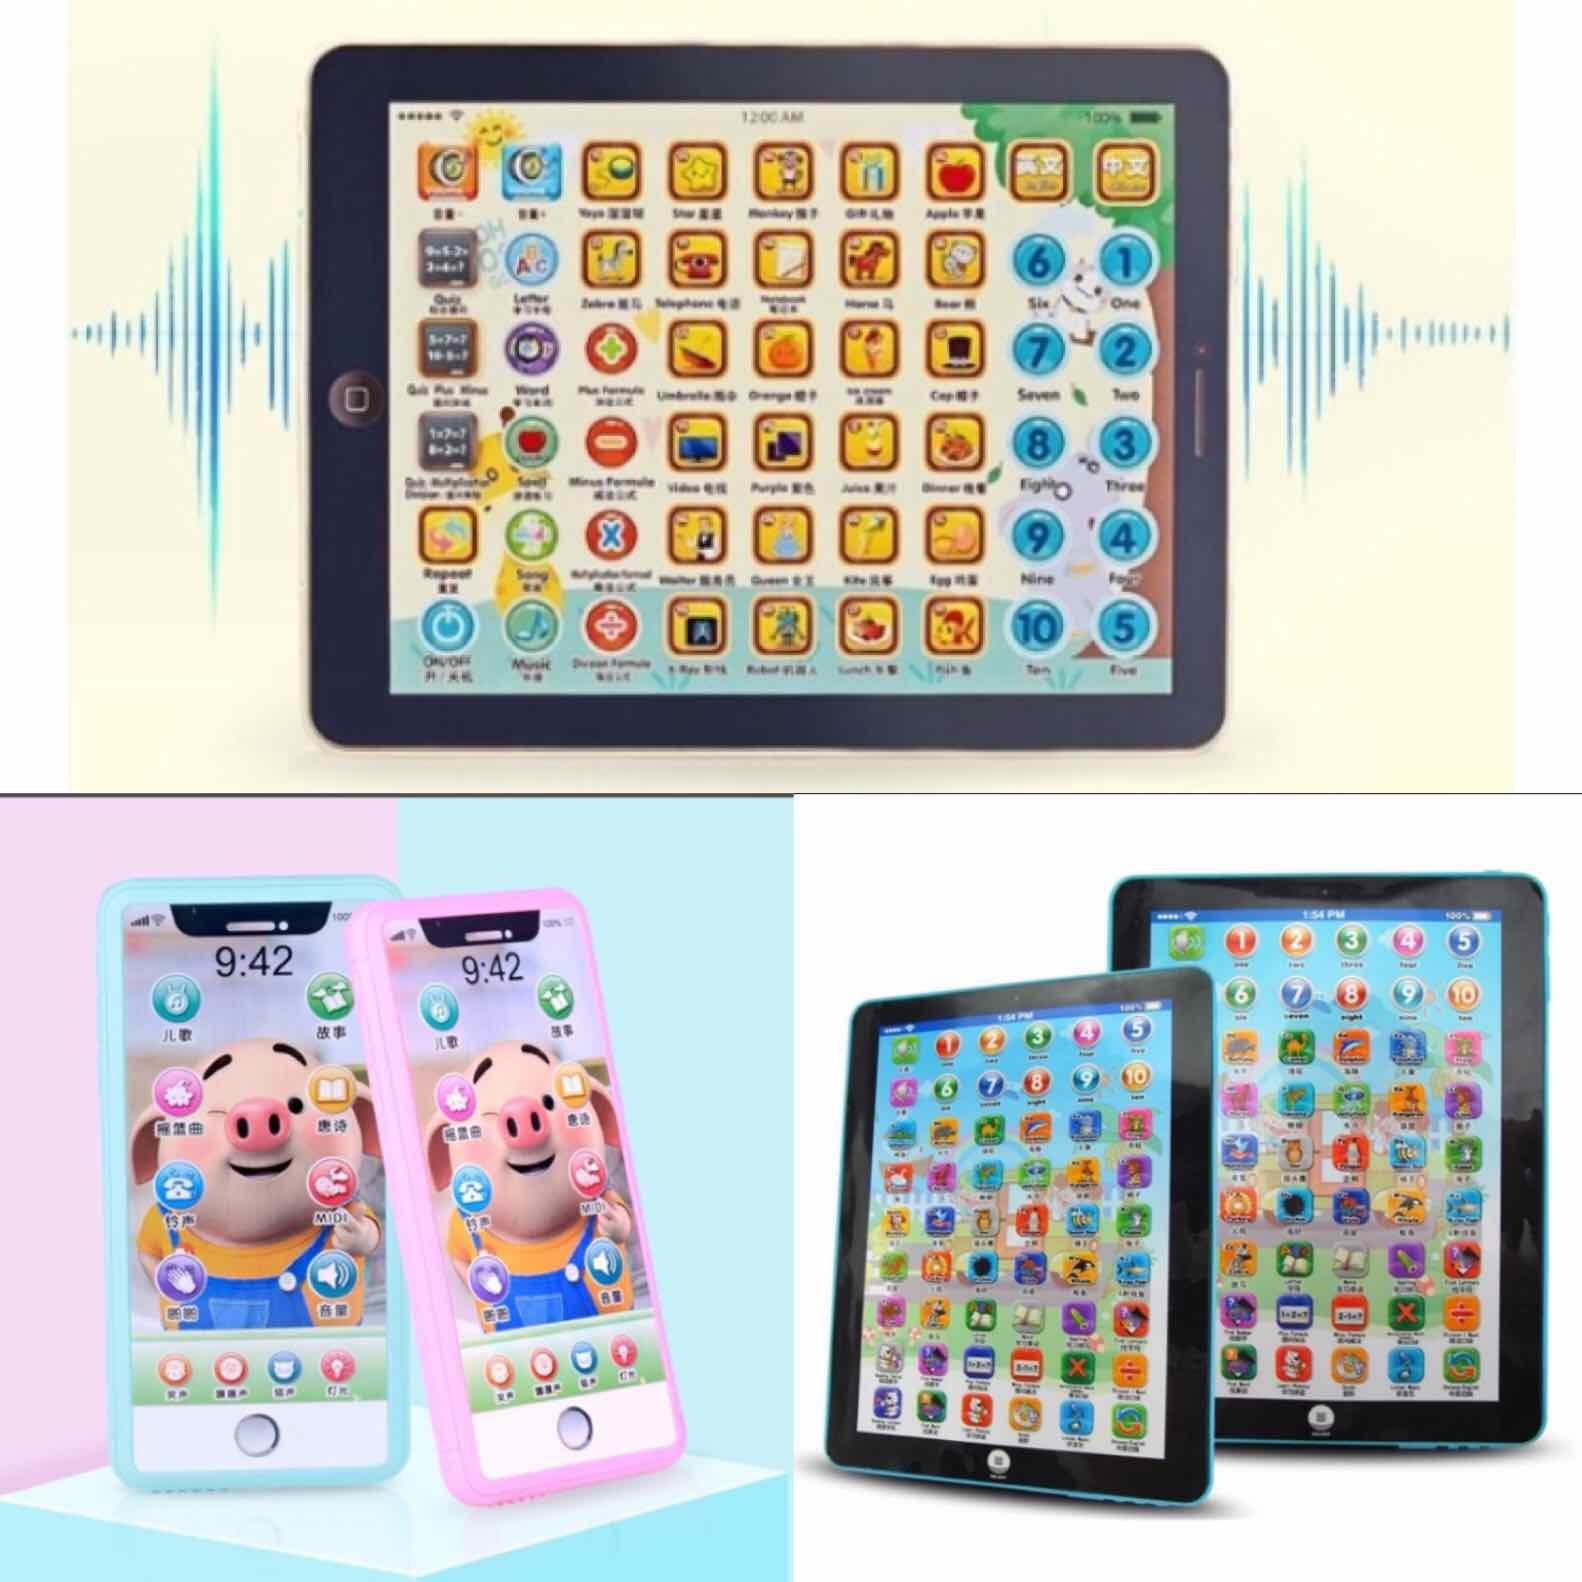 Combo Máy Tính Bảng HỌC TIẾNG ANH và điện thoại đa chức năng cho bé